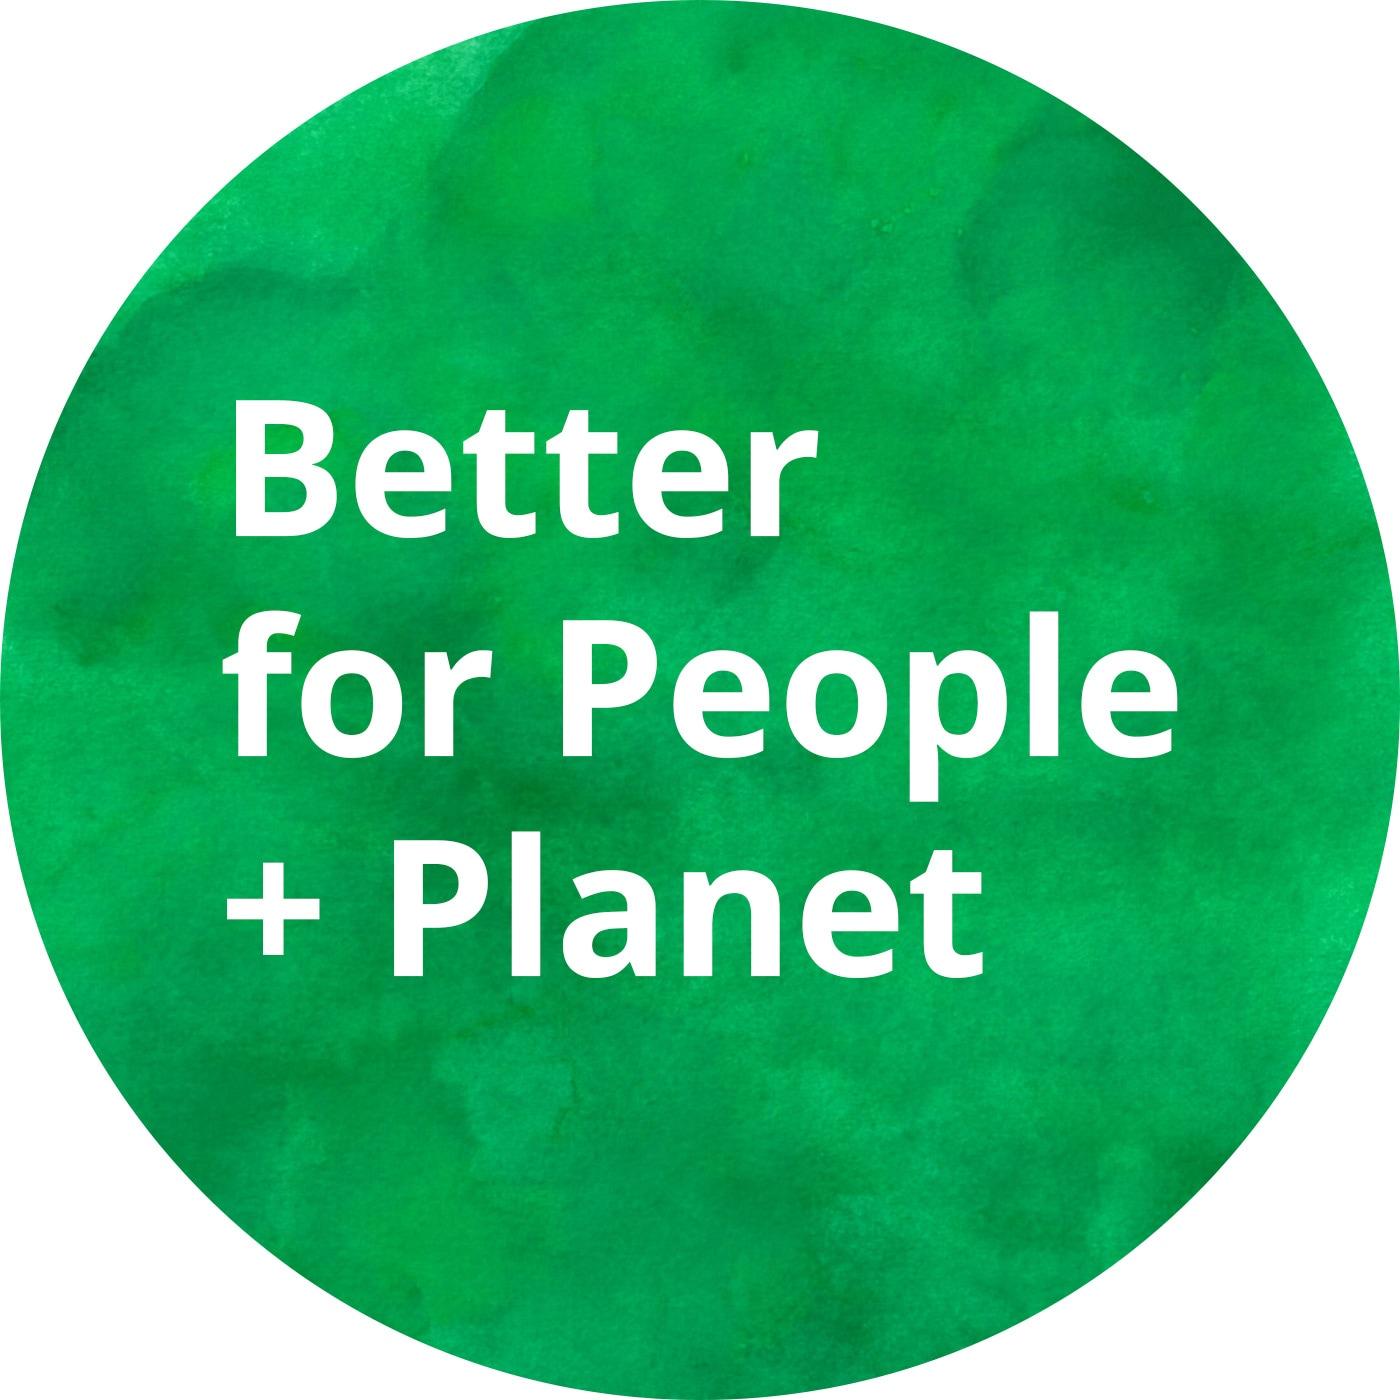 Najlepsze produkty wspierające zrównoważone życie. - IKEA